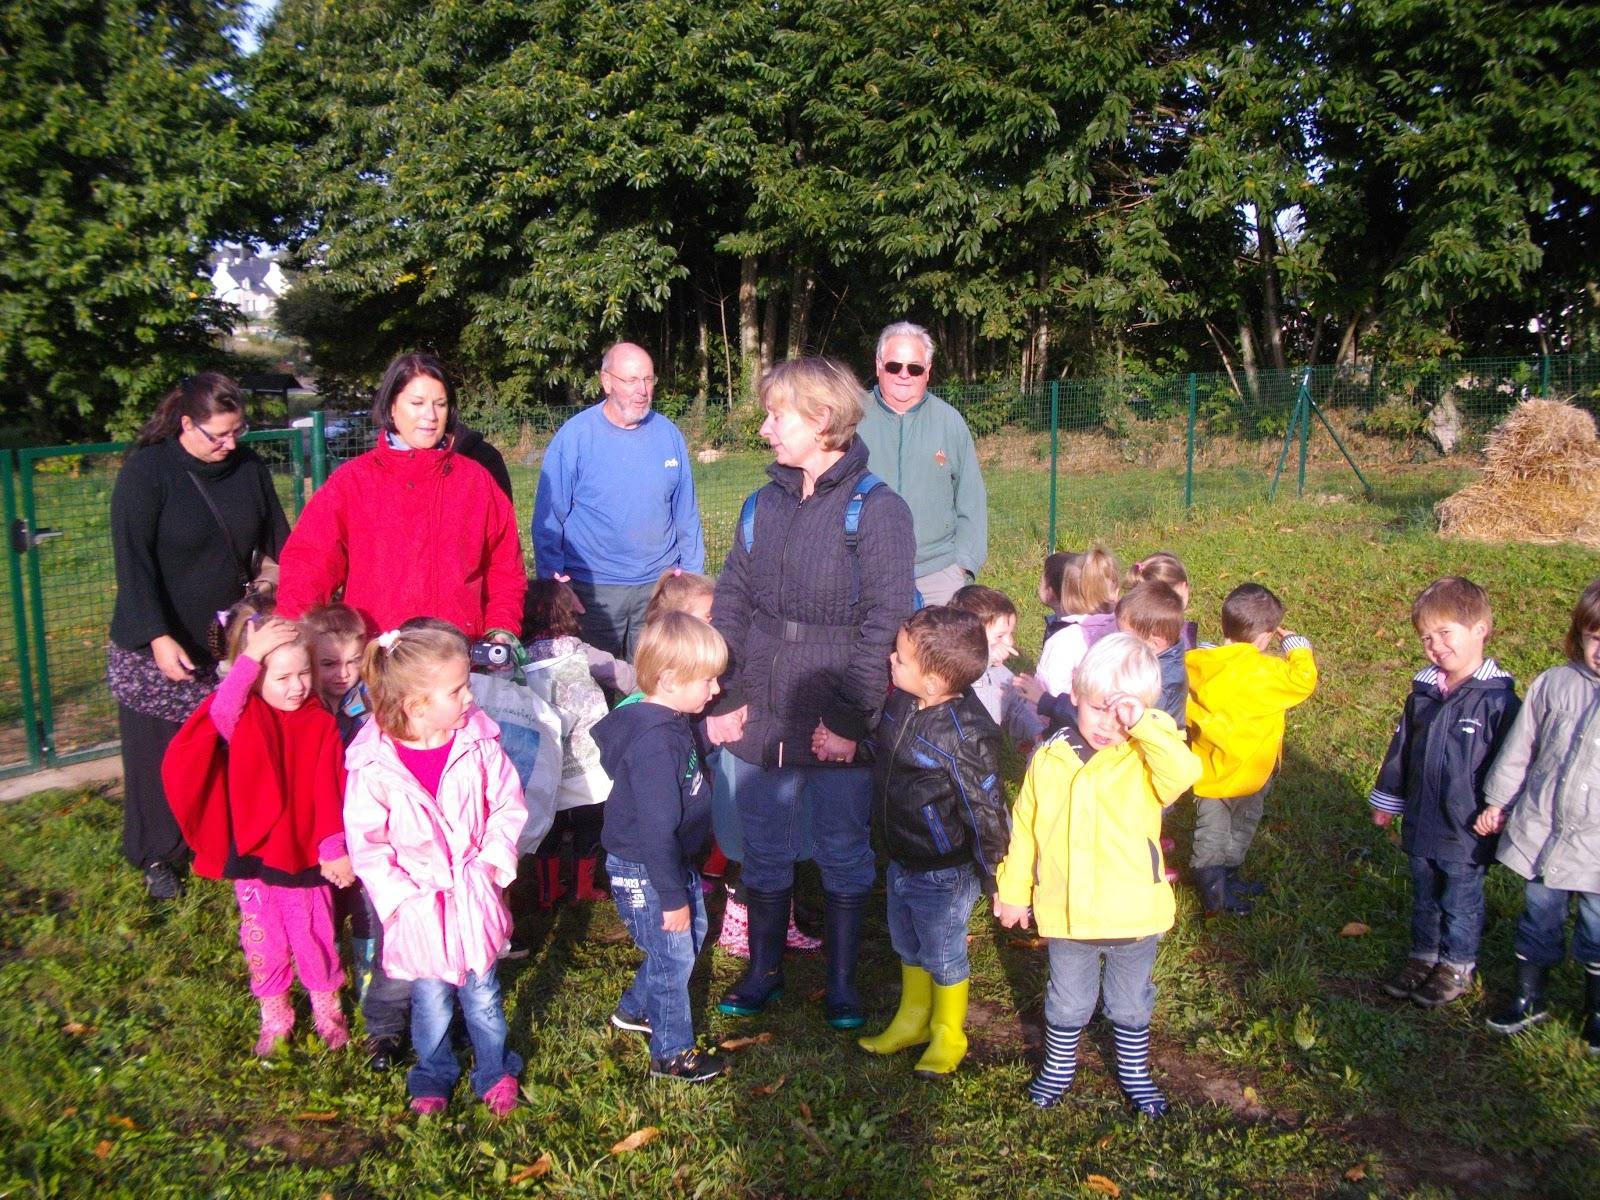 Les jardins familiaux de feunteun don 2012 09 16 for Jardin familiaux